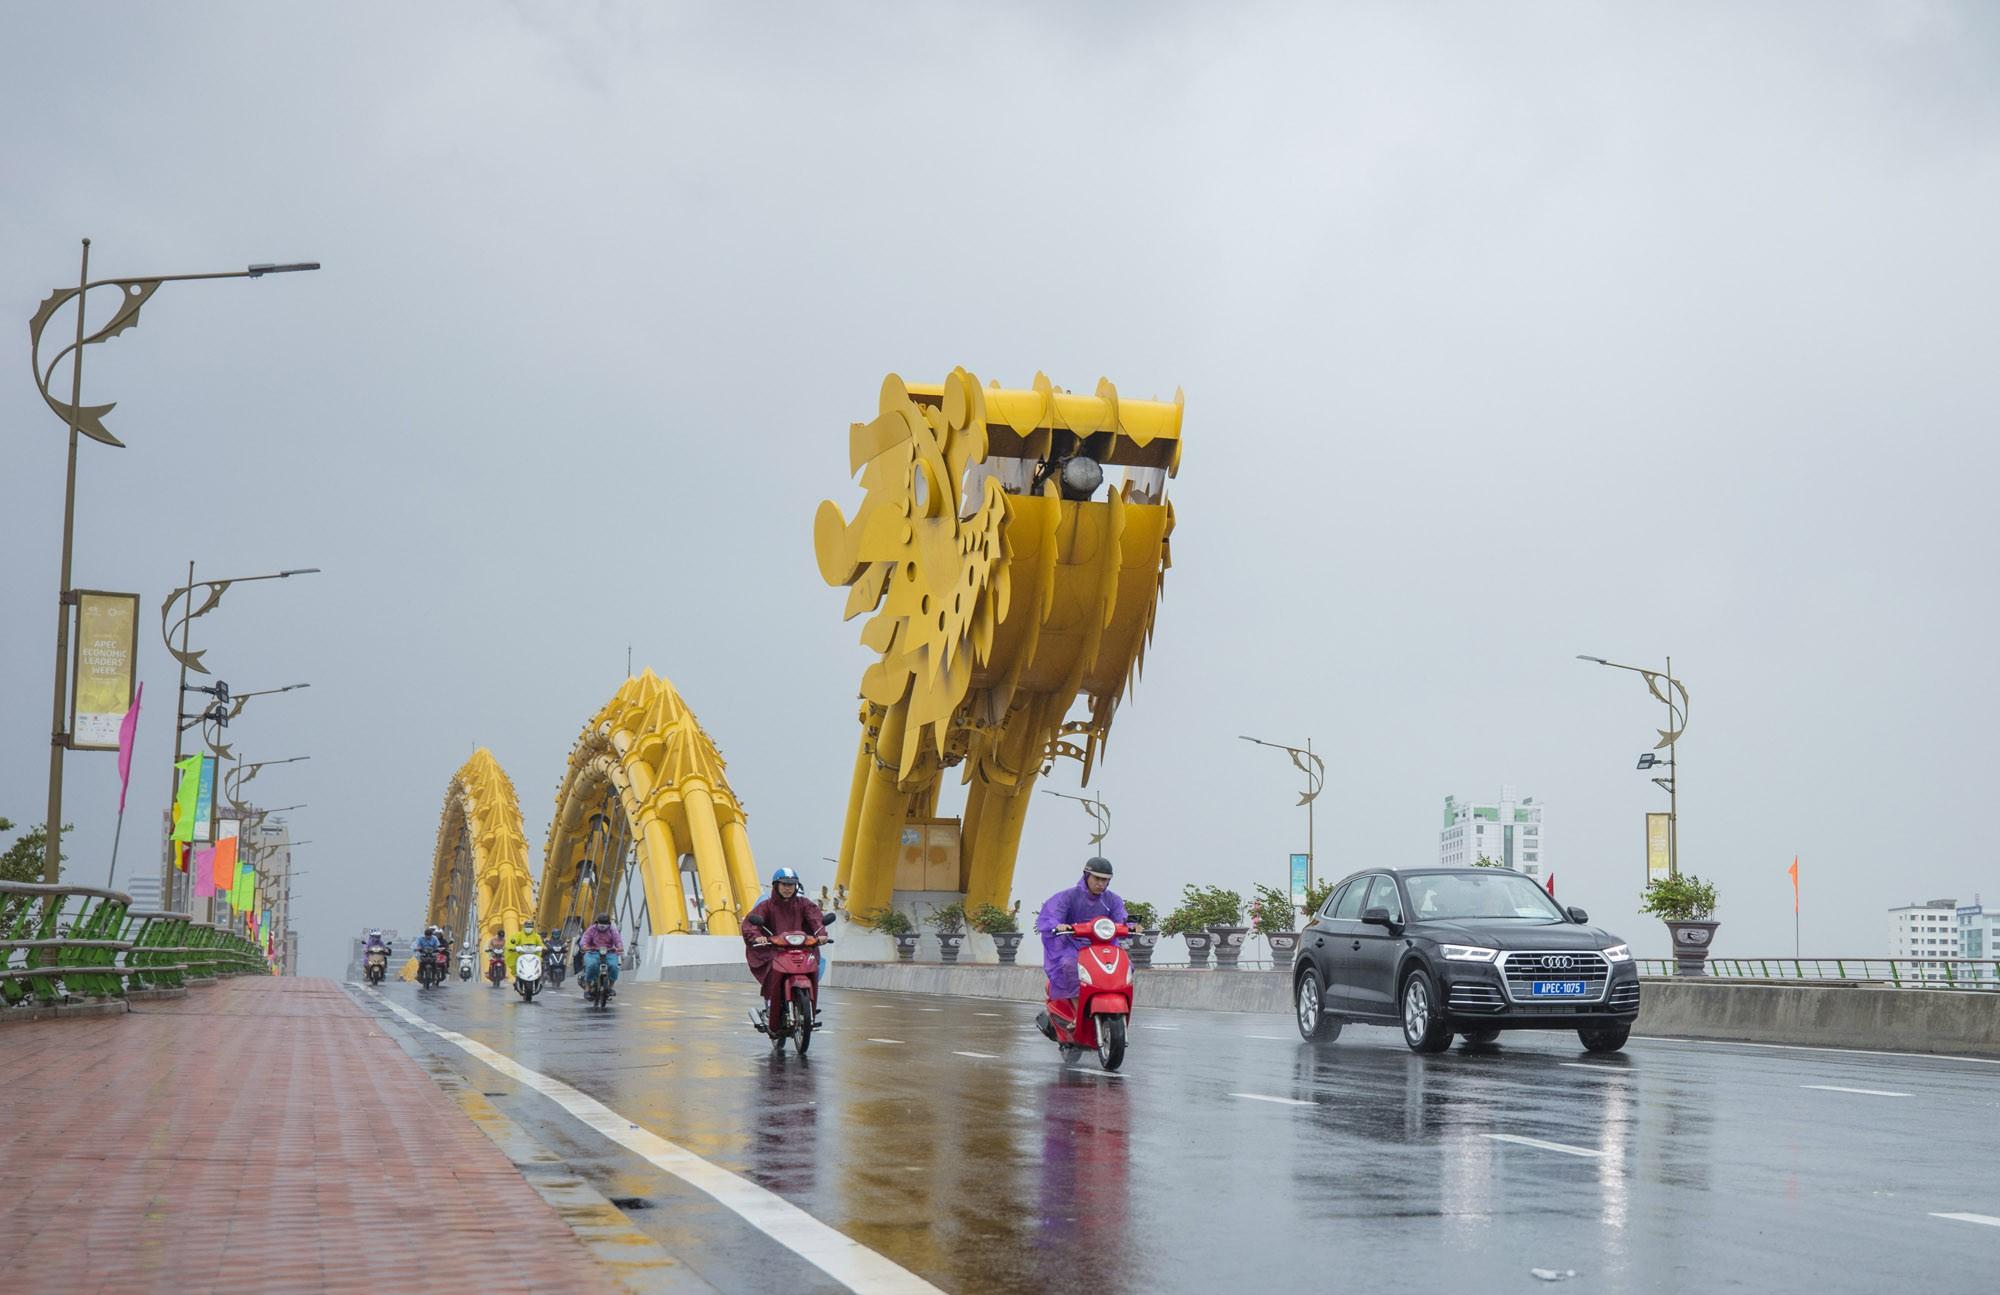 [PHOTO ESSAY] Toàn cảnh Đà Nẵng: Chạy đua với bão chuẩn bị cho khai mạc APEC - Ảnh 29.